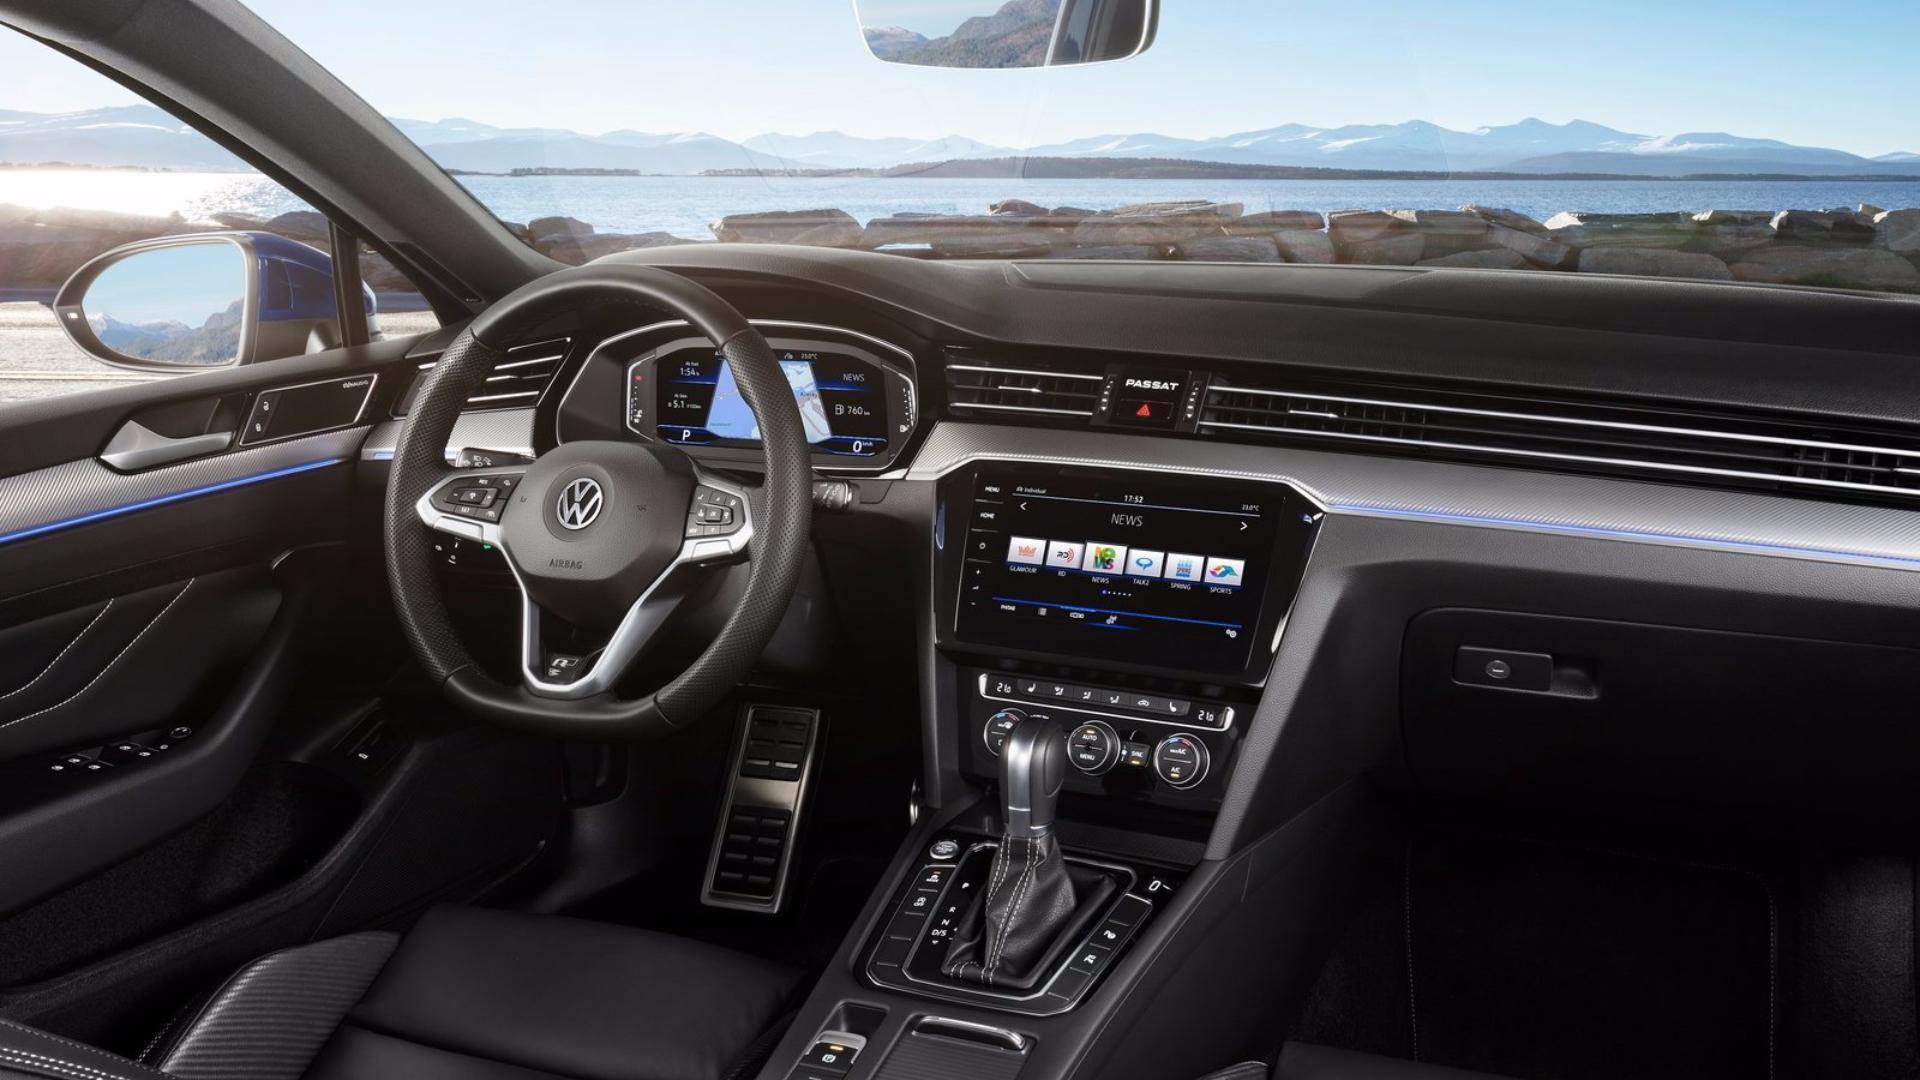 VW Passat (Variant) interiér